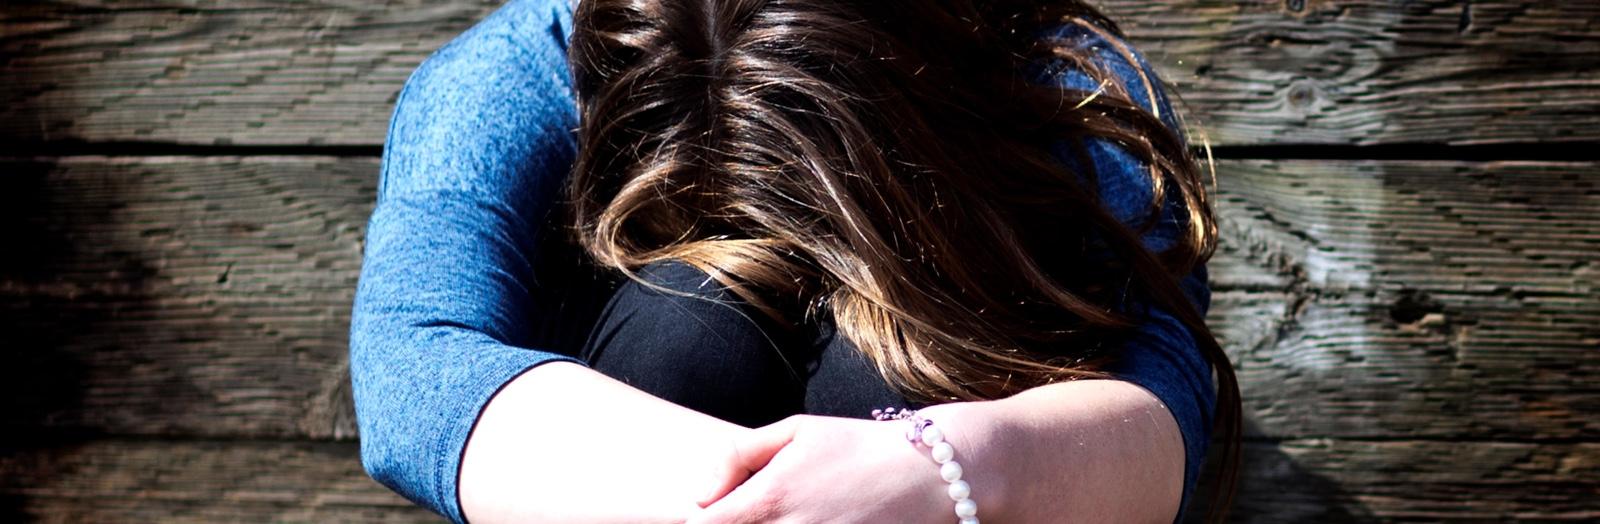 land meisje aansluiting zoon is dating een atheïst